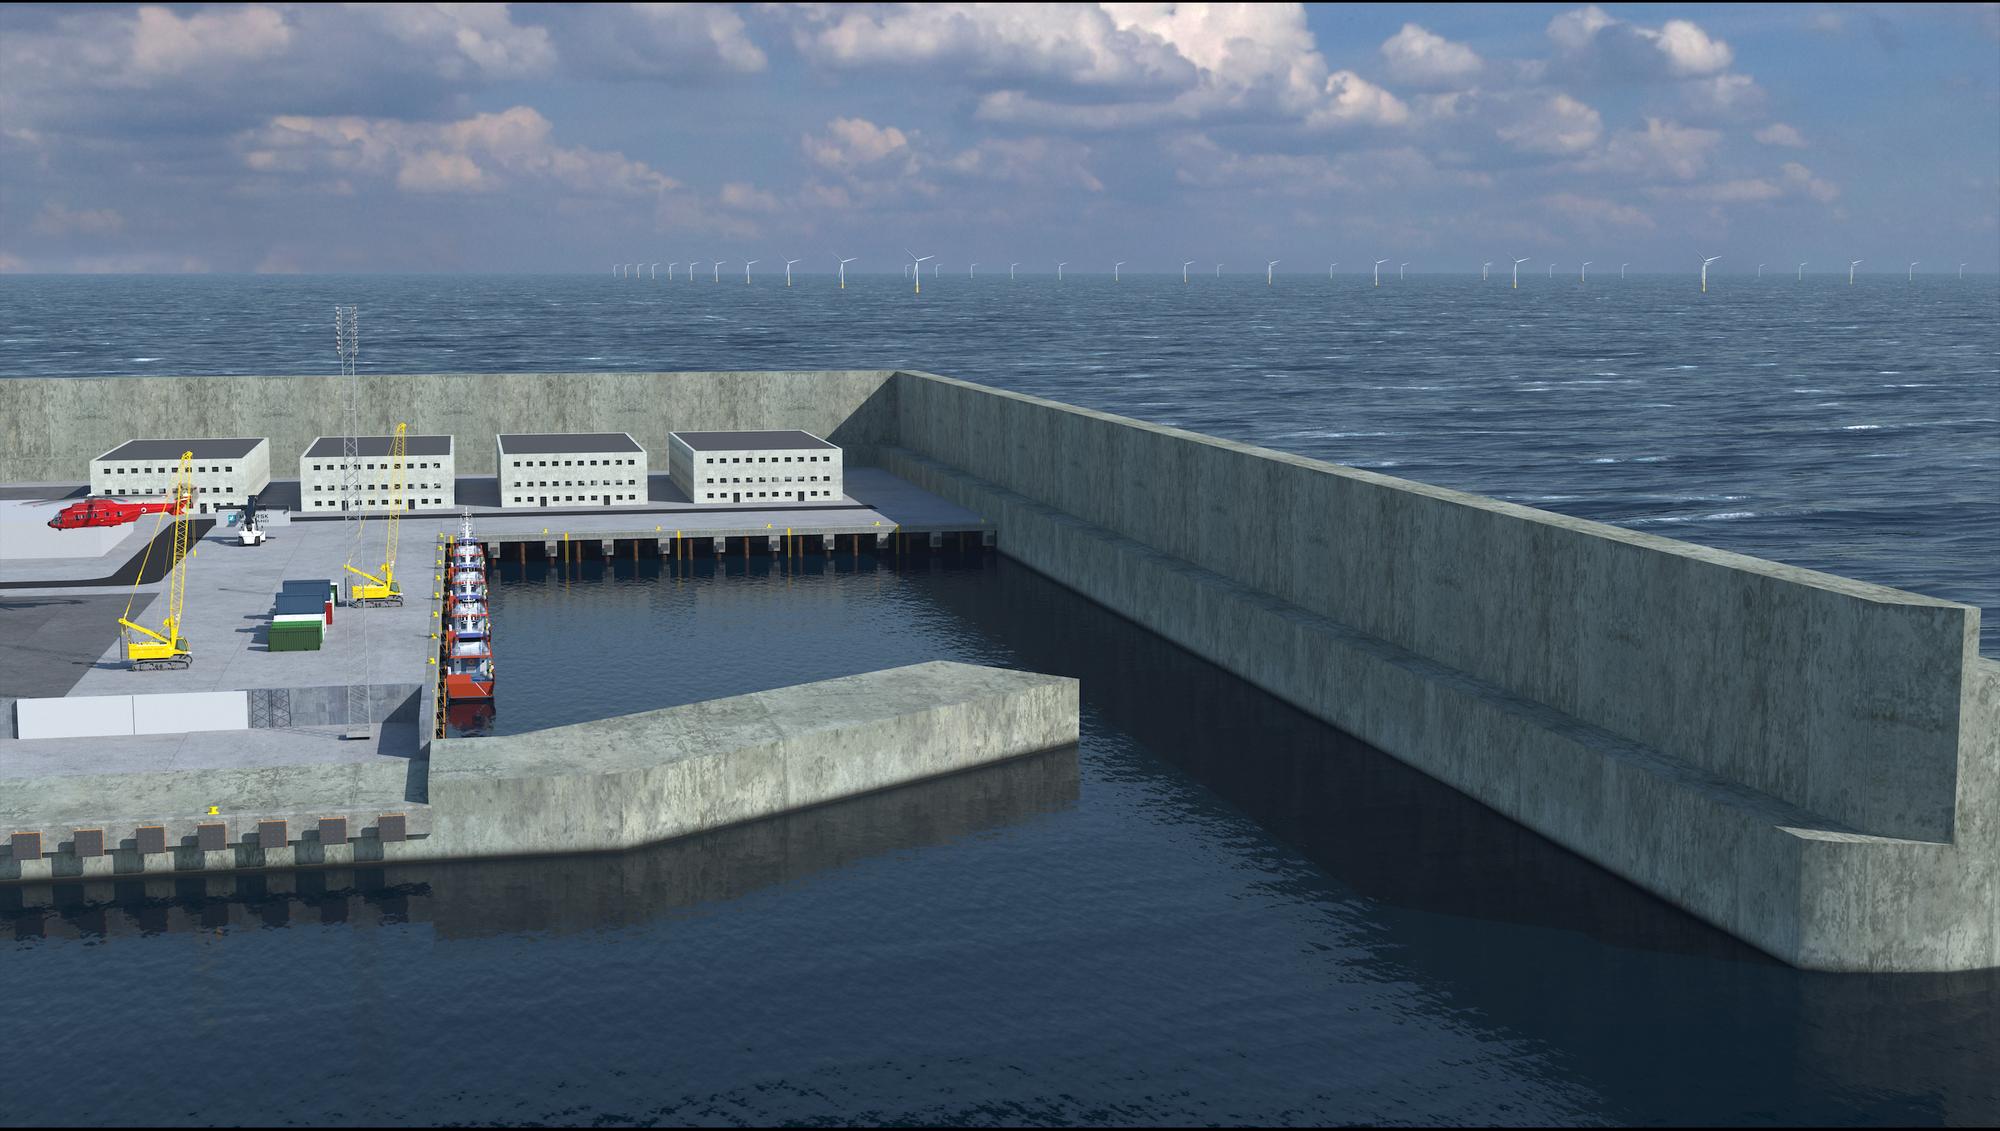 Dal 2030 la Danimarca avrà le sue isole energetiche